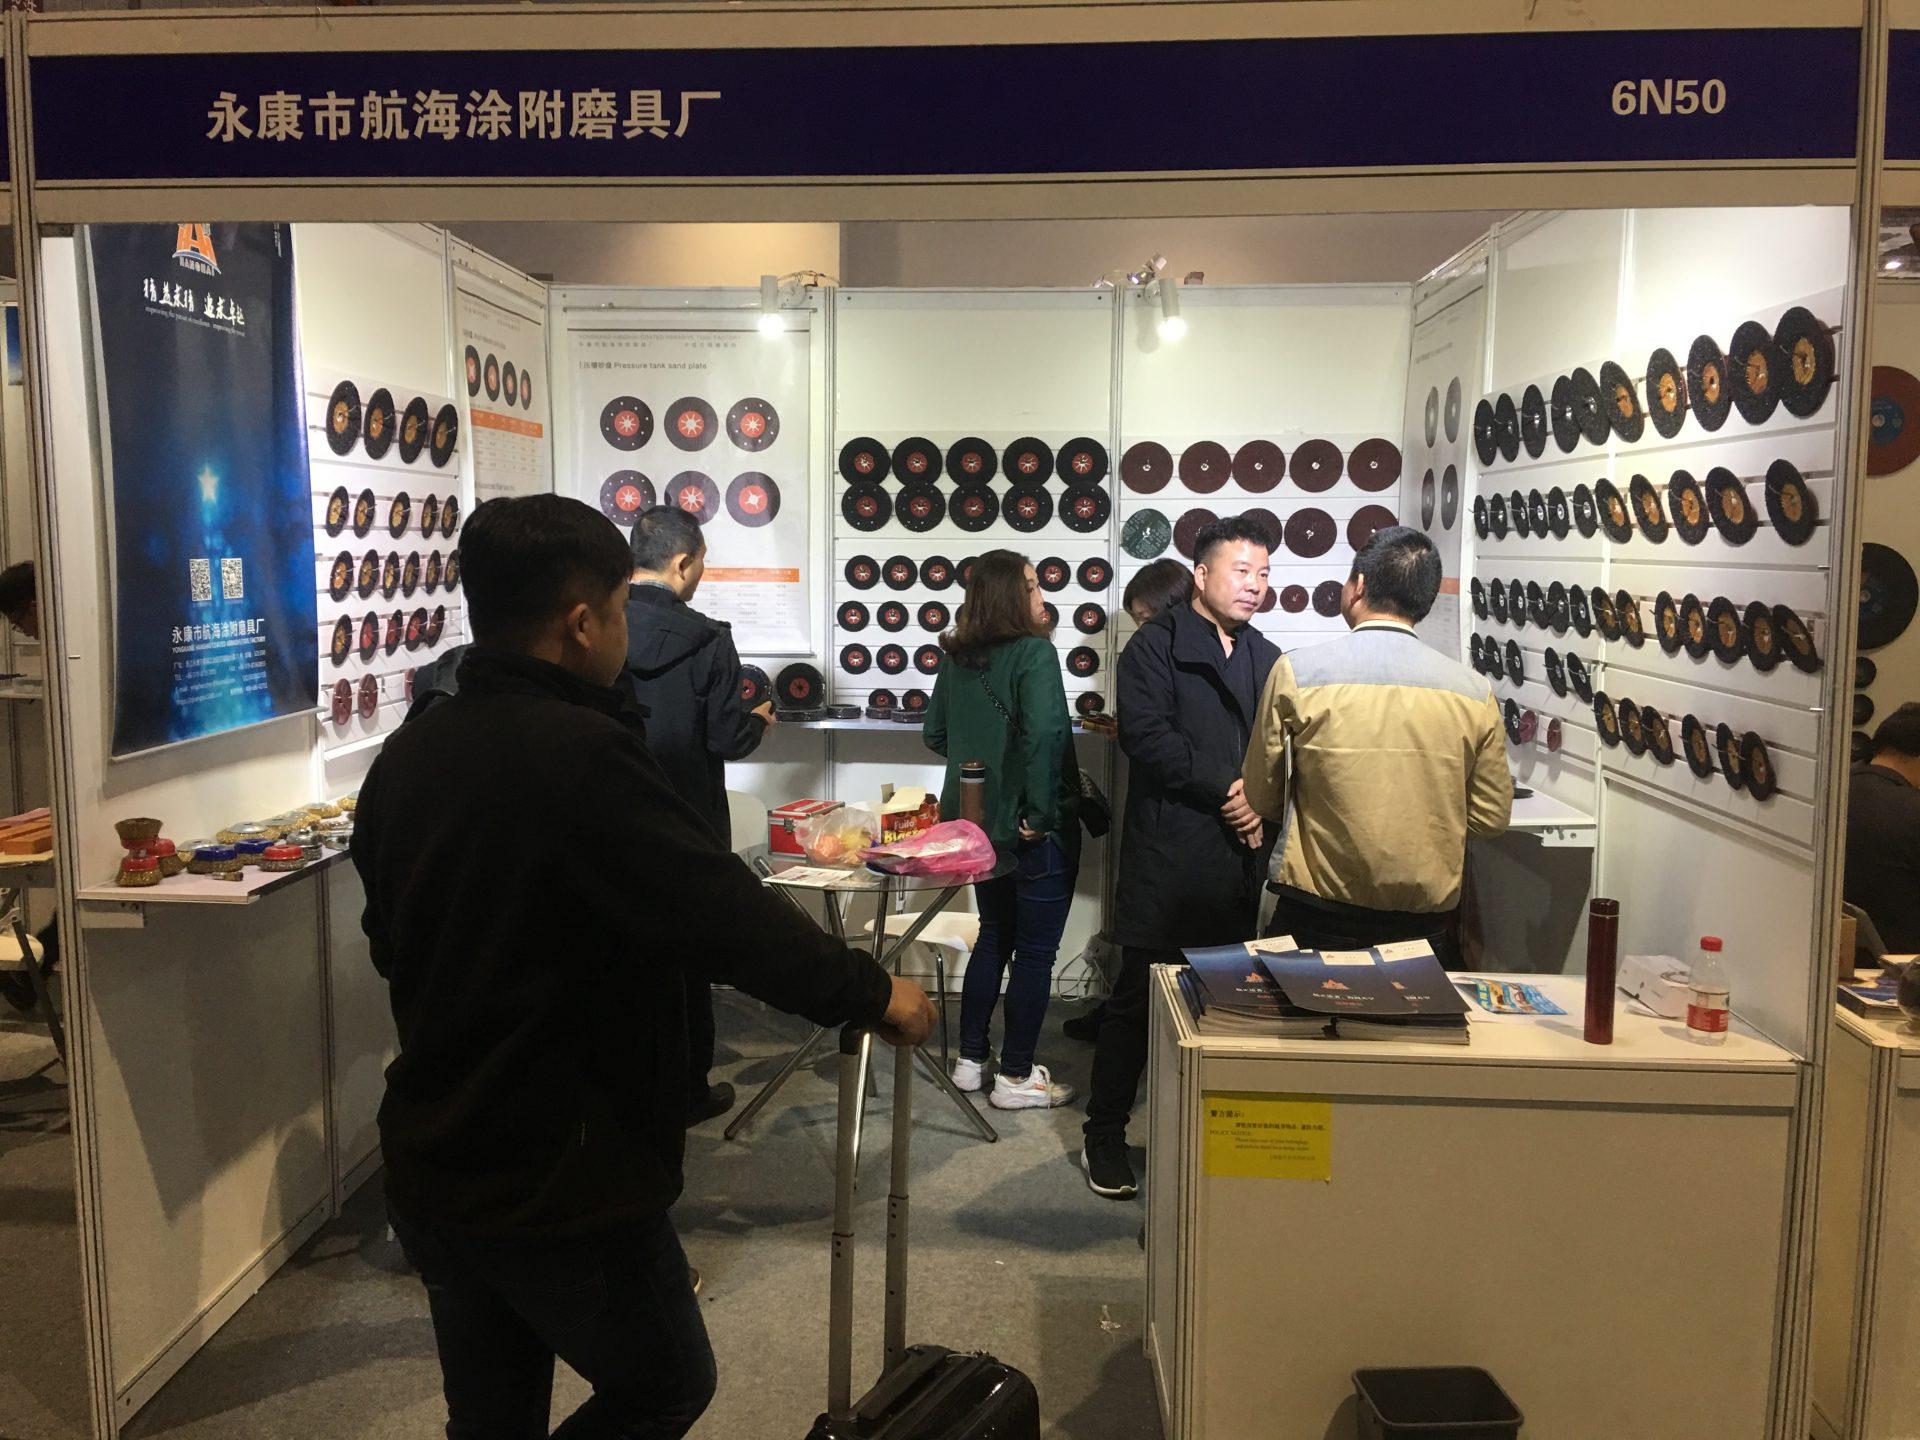 上海五金展